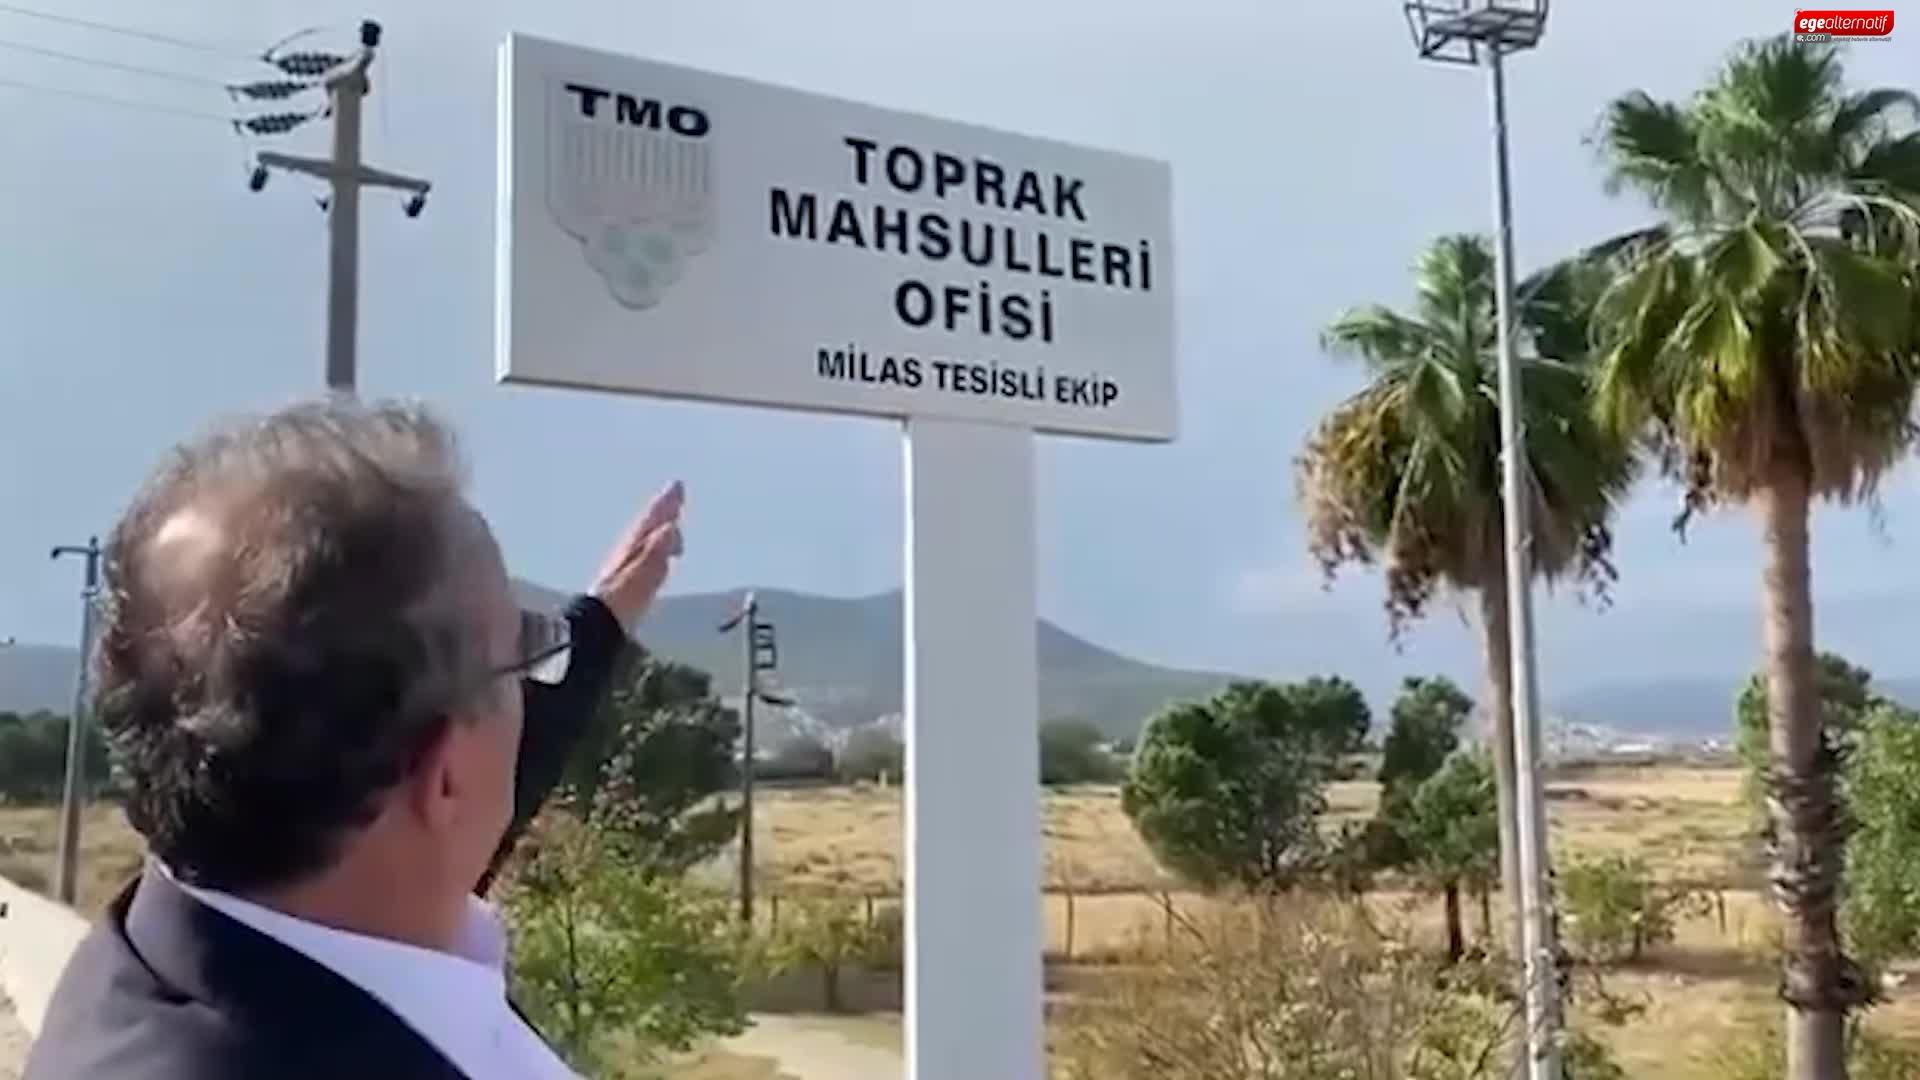 Milas Toprak Mahsulleri Ofisi tesisleri'ne ilişkin flaş gelişme! CHP'li vekil açıkladı!